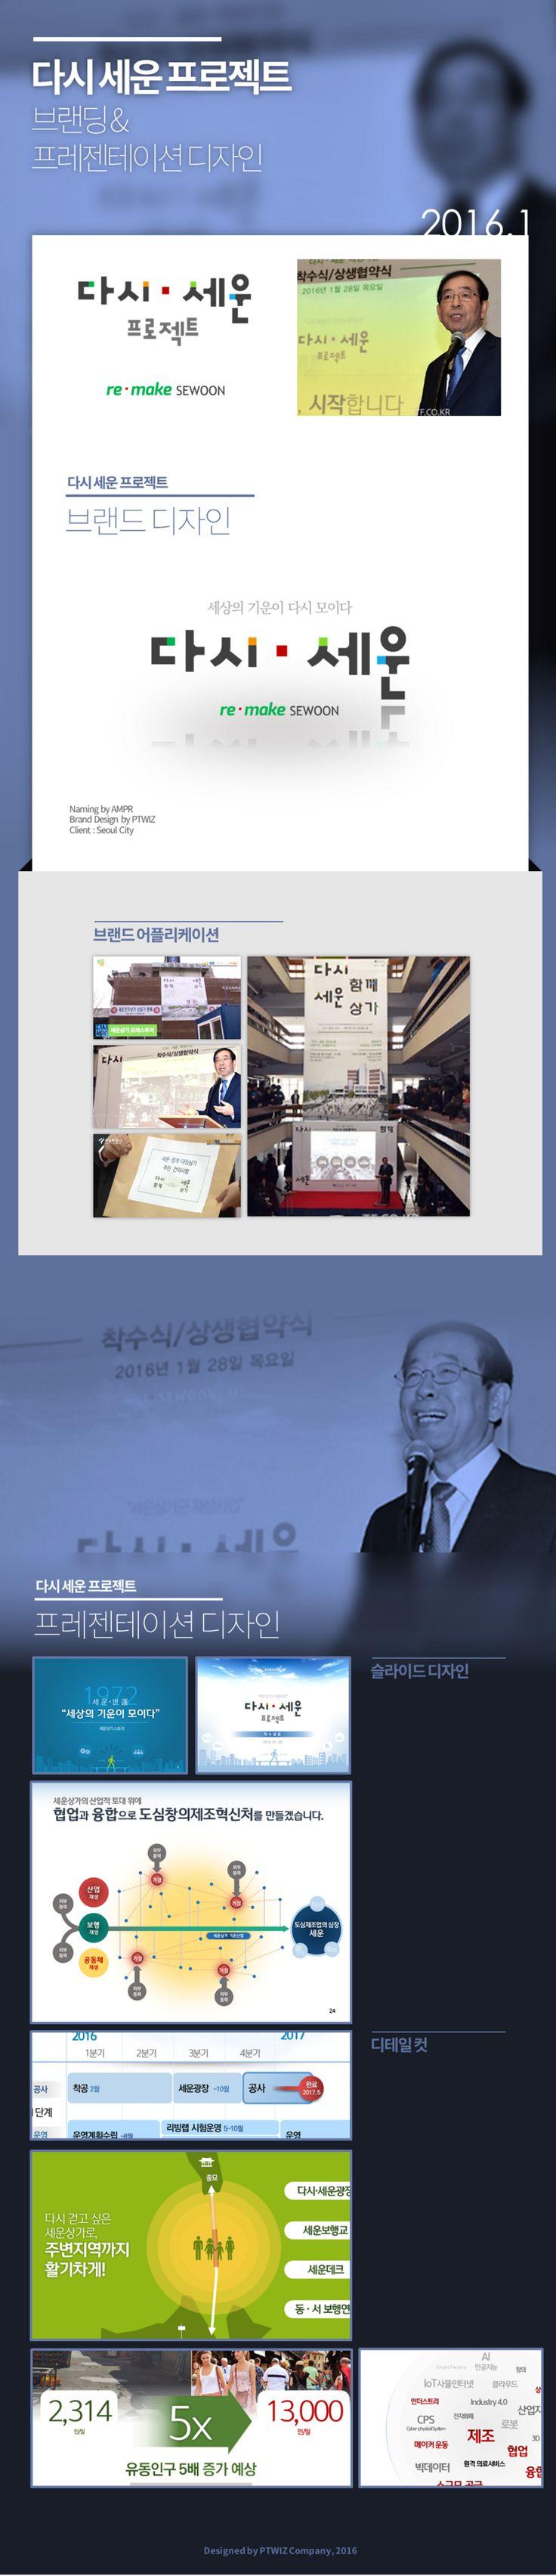 다시세운 브랜드 & 발표자료 디자인  Client : Seoul City Design by PTWIZ